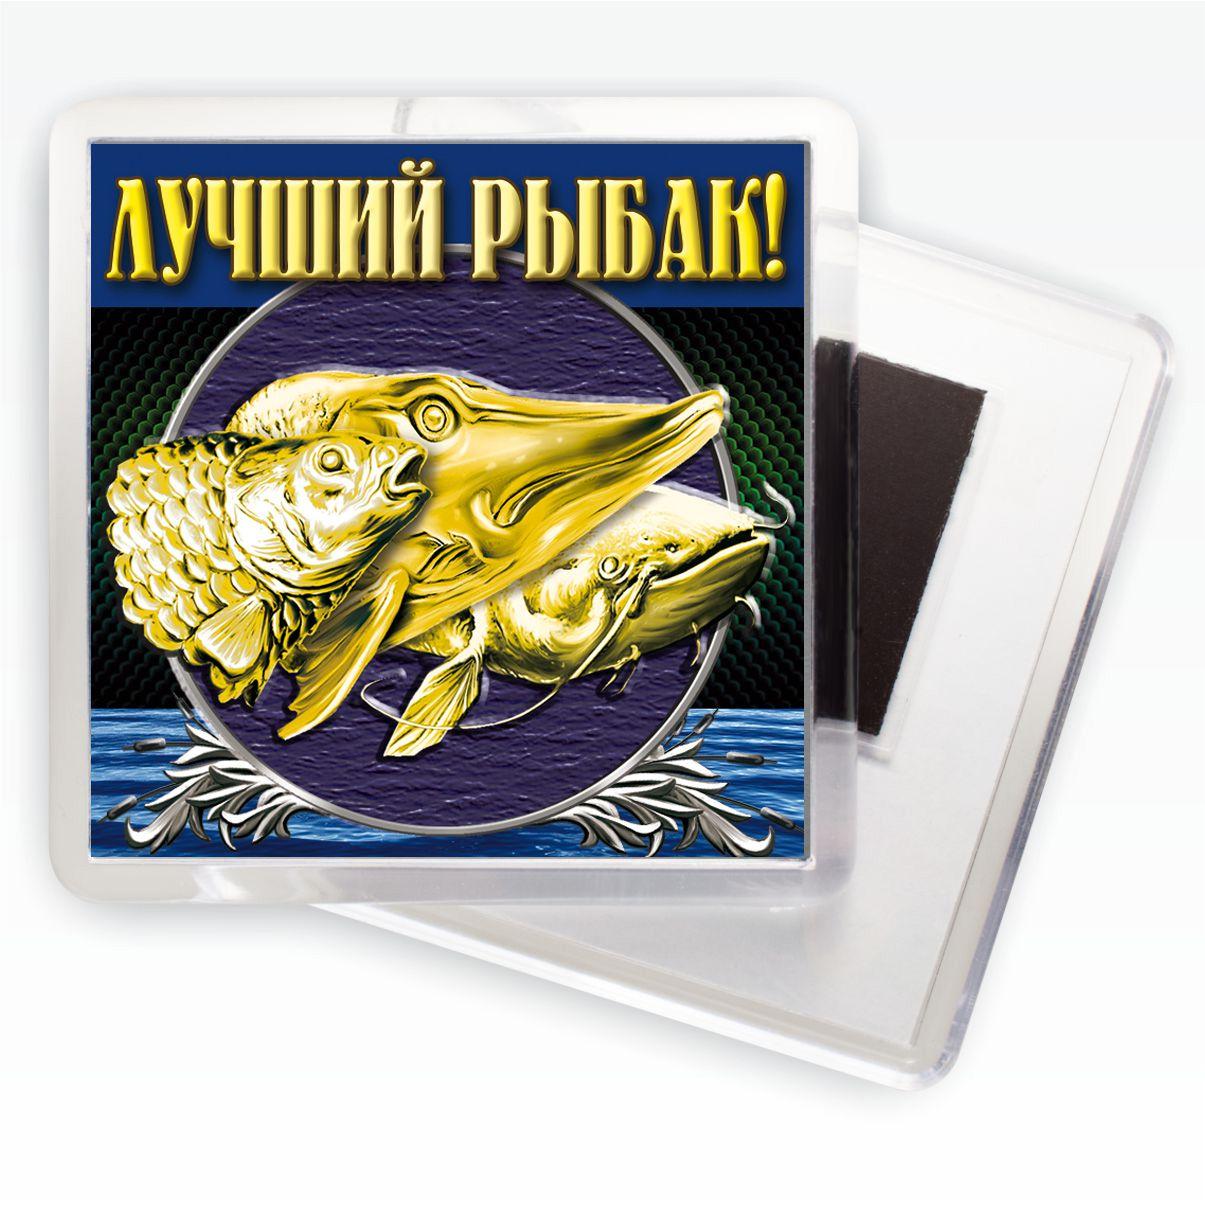 """Купить магнитики """"Лучший рыбак"""" с доставкой по всей России и за рубеж"""